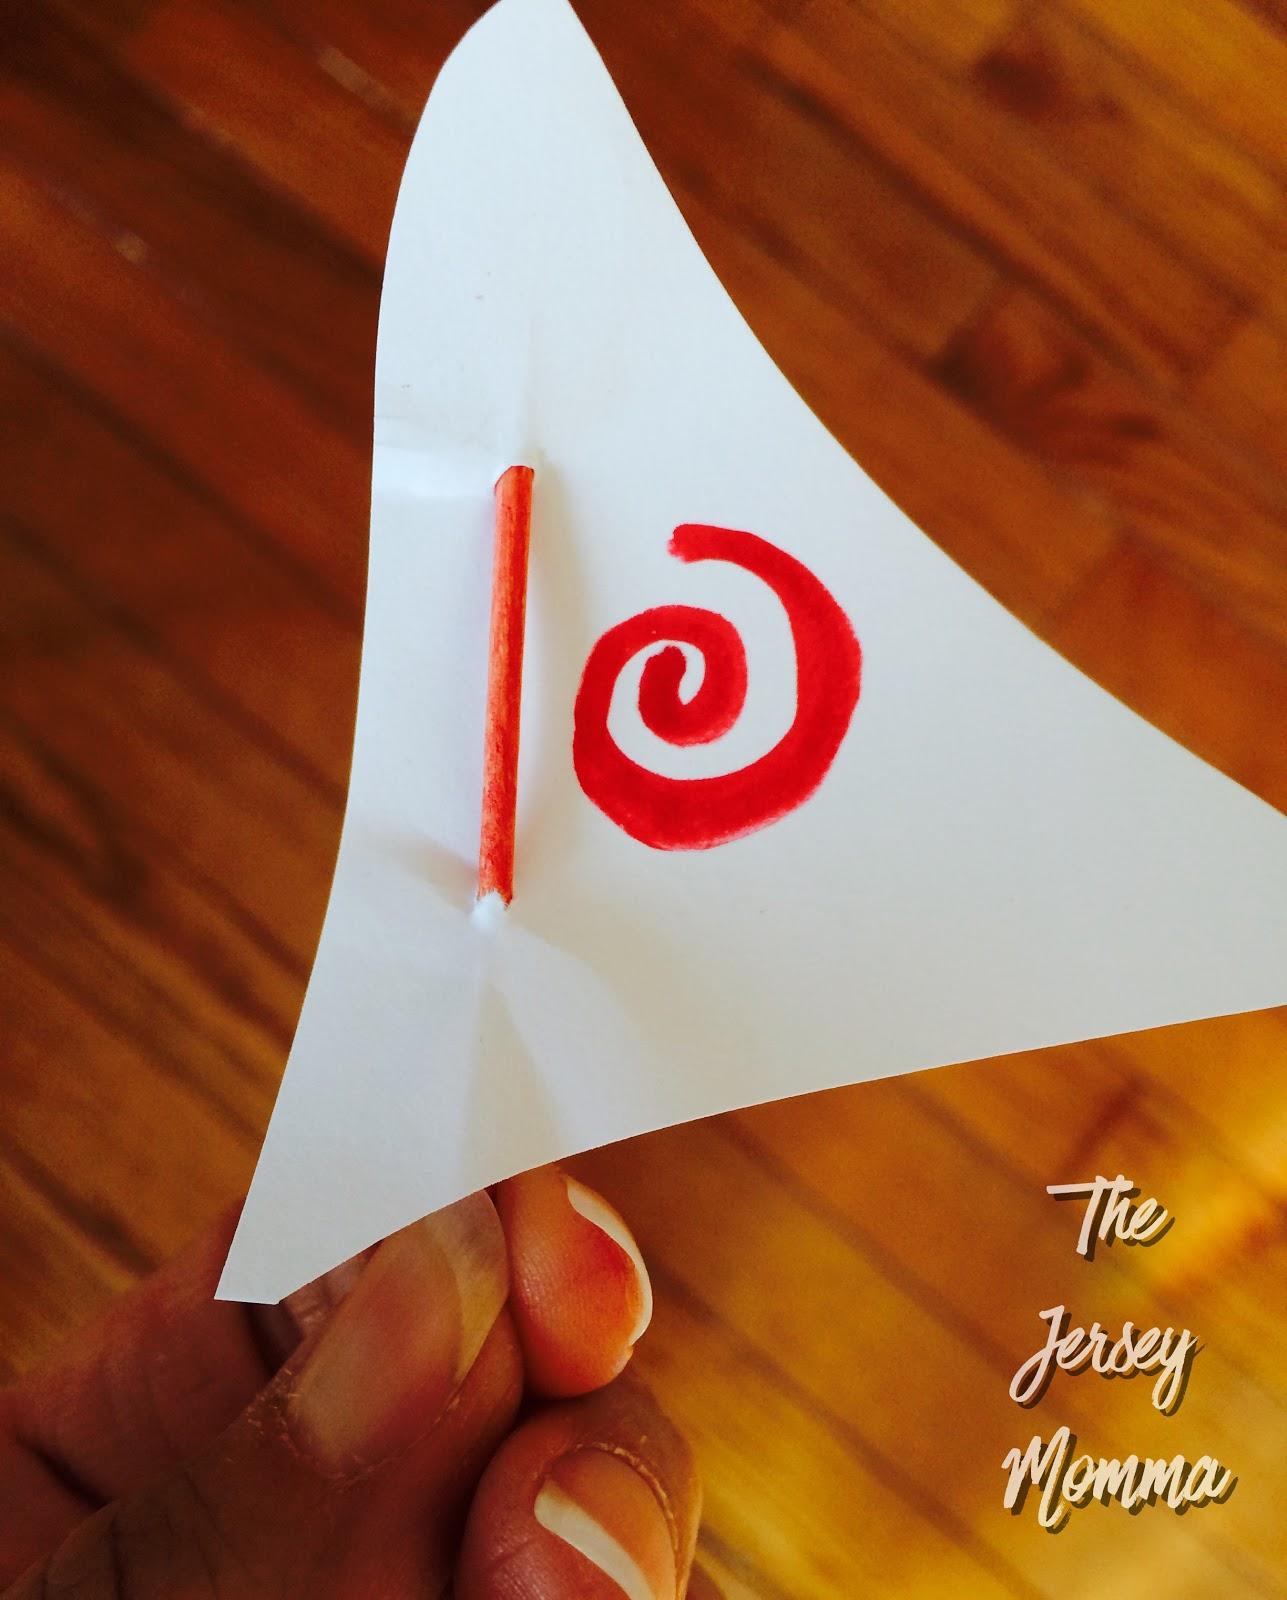 Disney S Moana Recipes Jello Treats And Free Printables The Jersey Momma